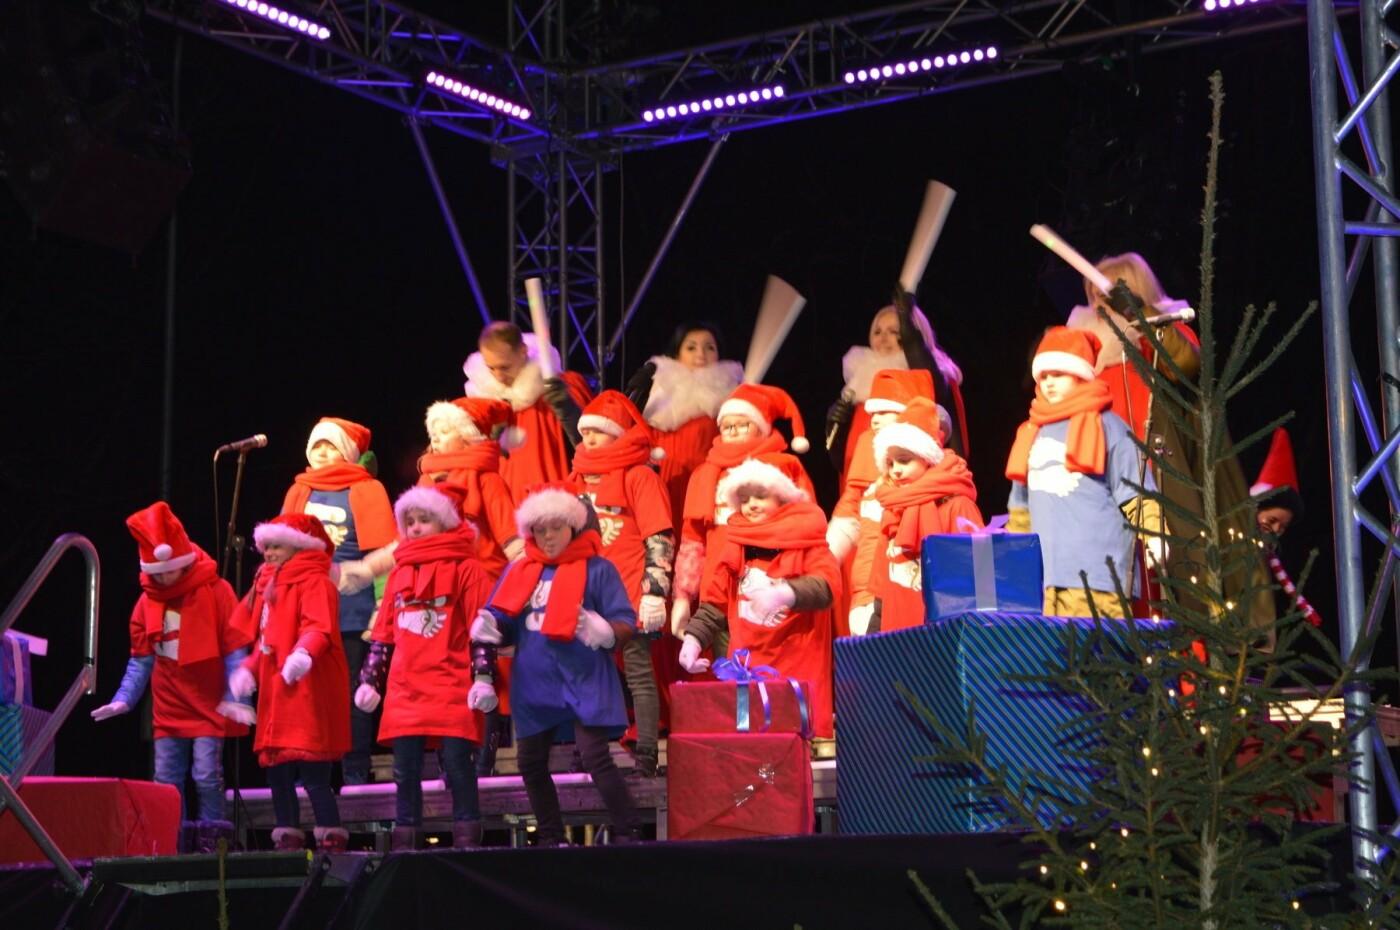 Palanga įžiebė eglę ir suspindo tūkstančiais kalėdinių šviesų, nuotrauka-79